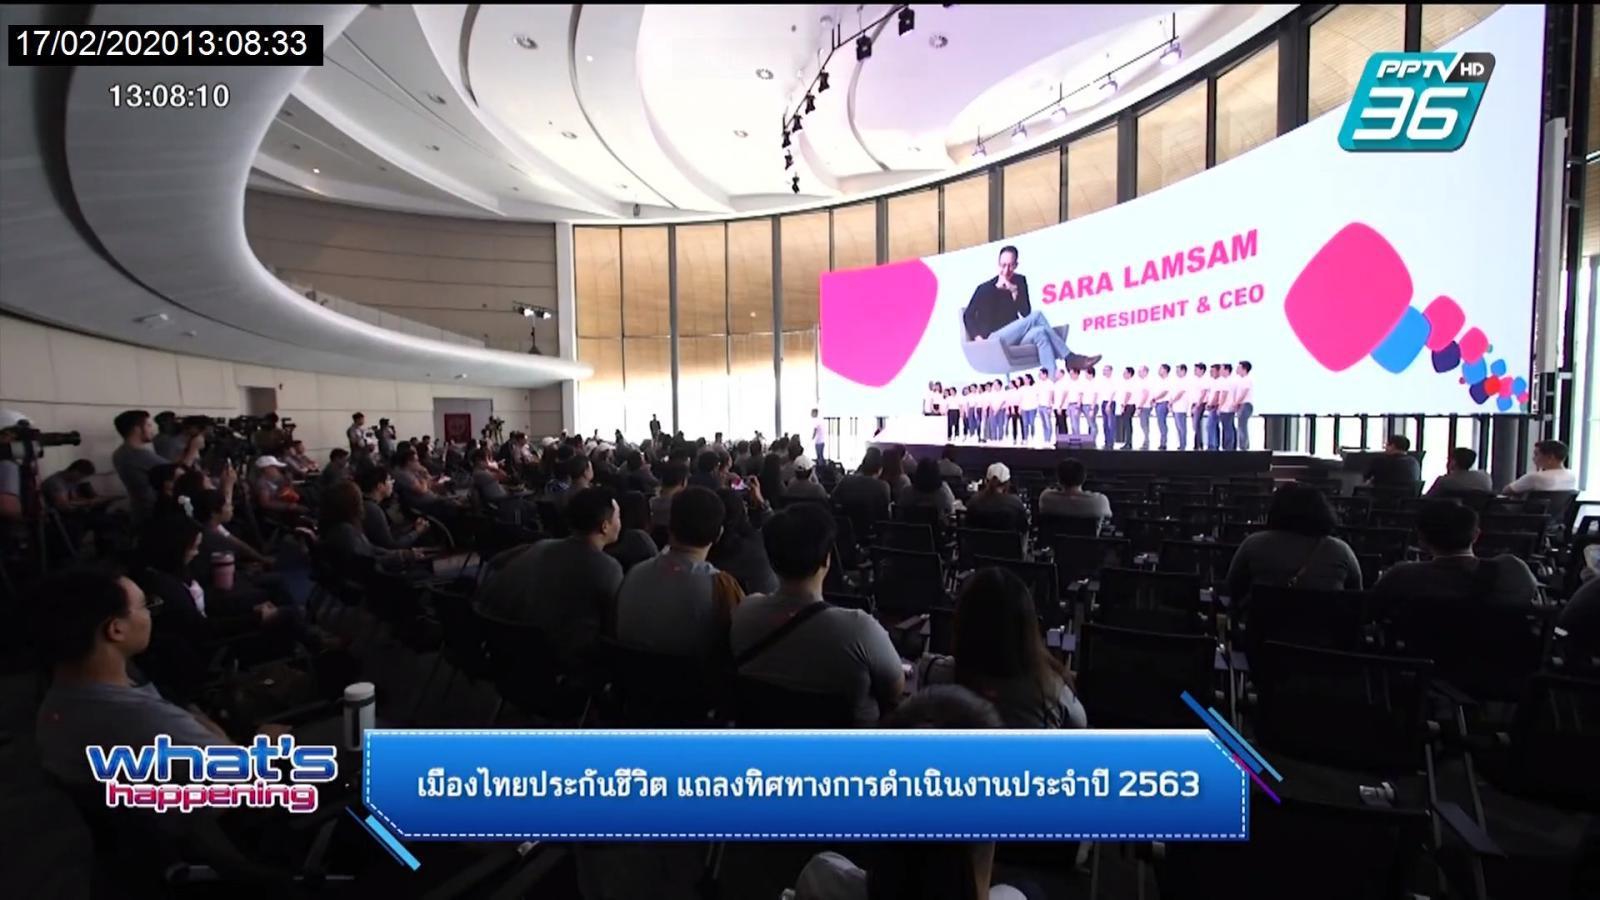 เมืองไทยประกันชีวิต แถลงทิศทางการดำเนินงานในปี 2563